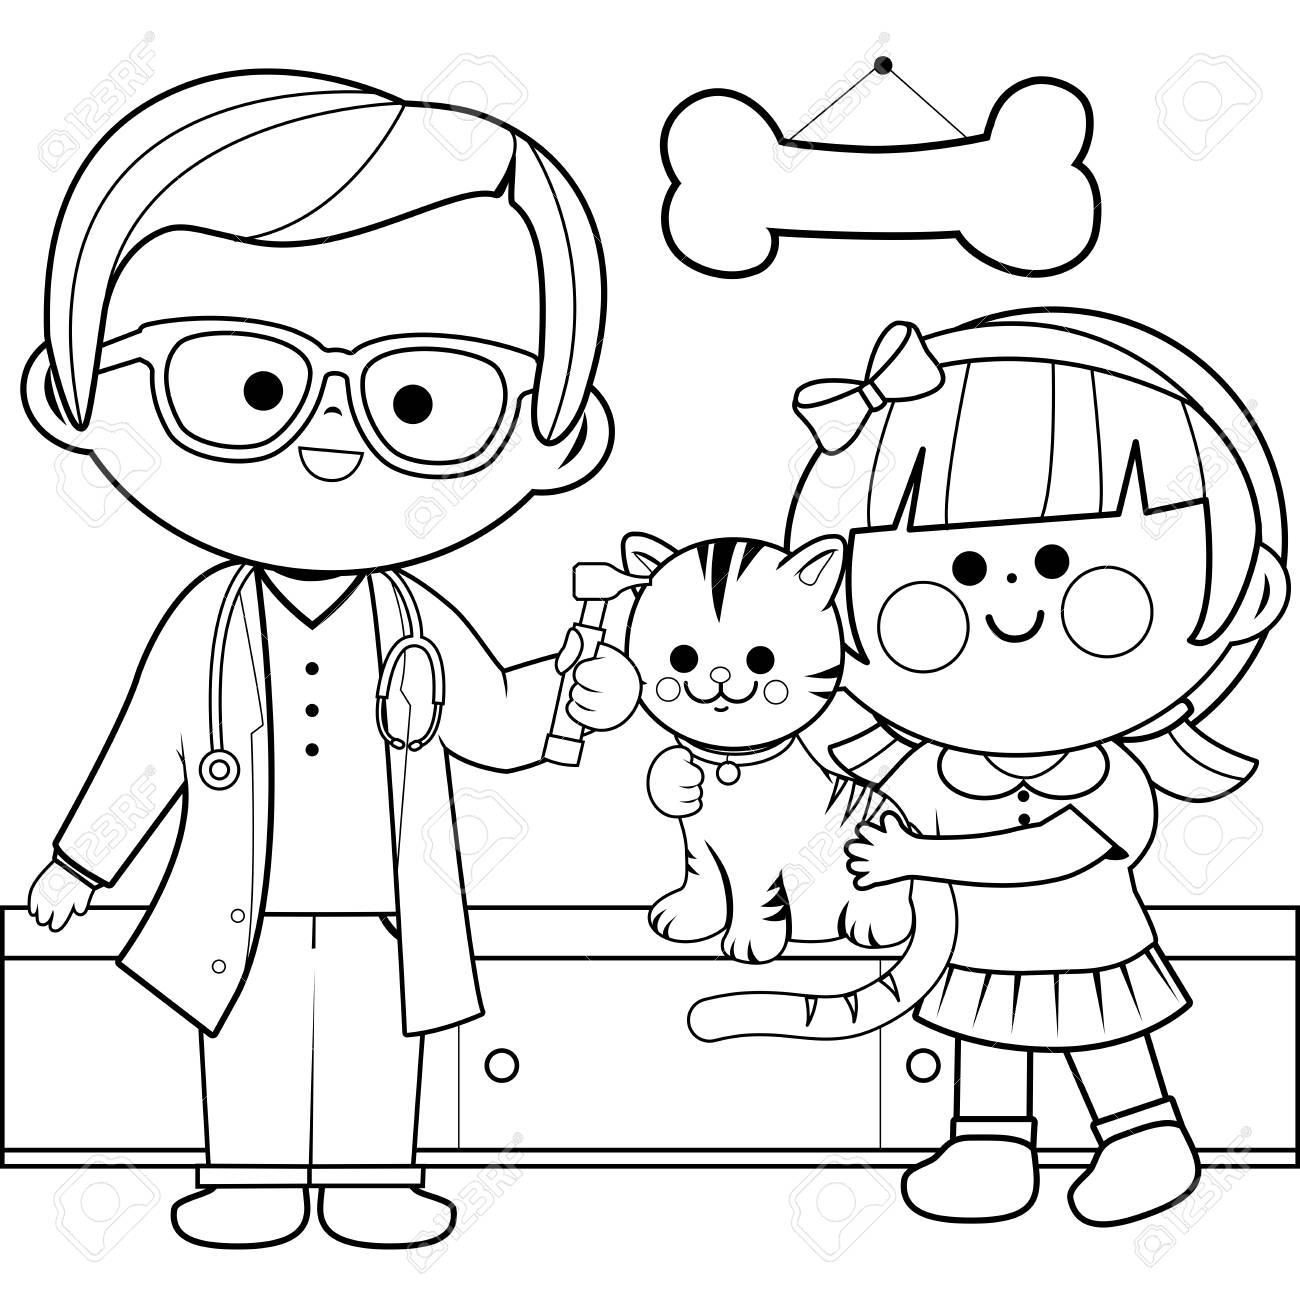 Coloriage Fille Avec Chat.Medecin Veterinaire Examinant Le Chat D Une Petite Fille Avec Un